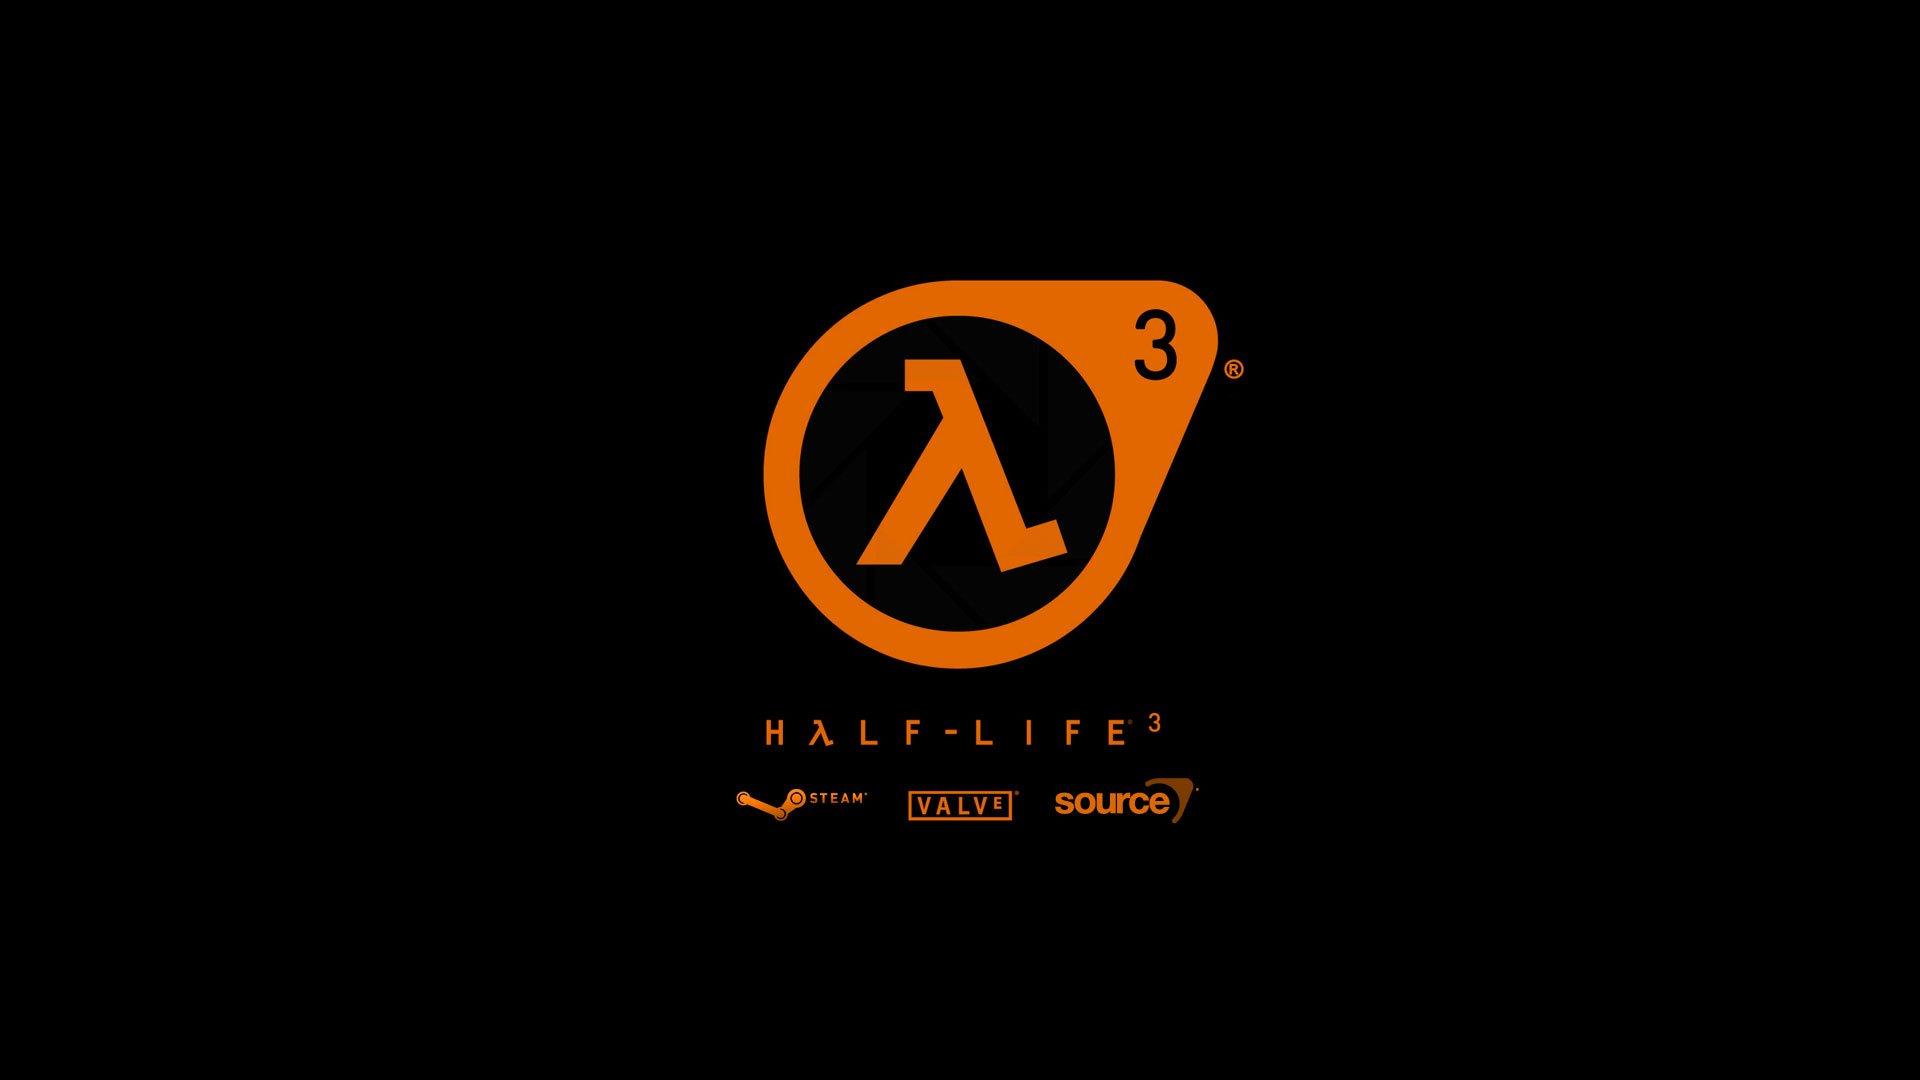 Half-Life 3 подтверждена!  Множество источников, близких к Valve, подтвердили разработку Left 4 Dead 3, Half-Life 3  ... - Изображение 1